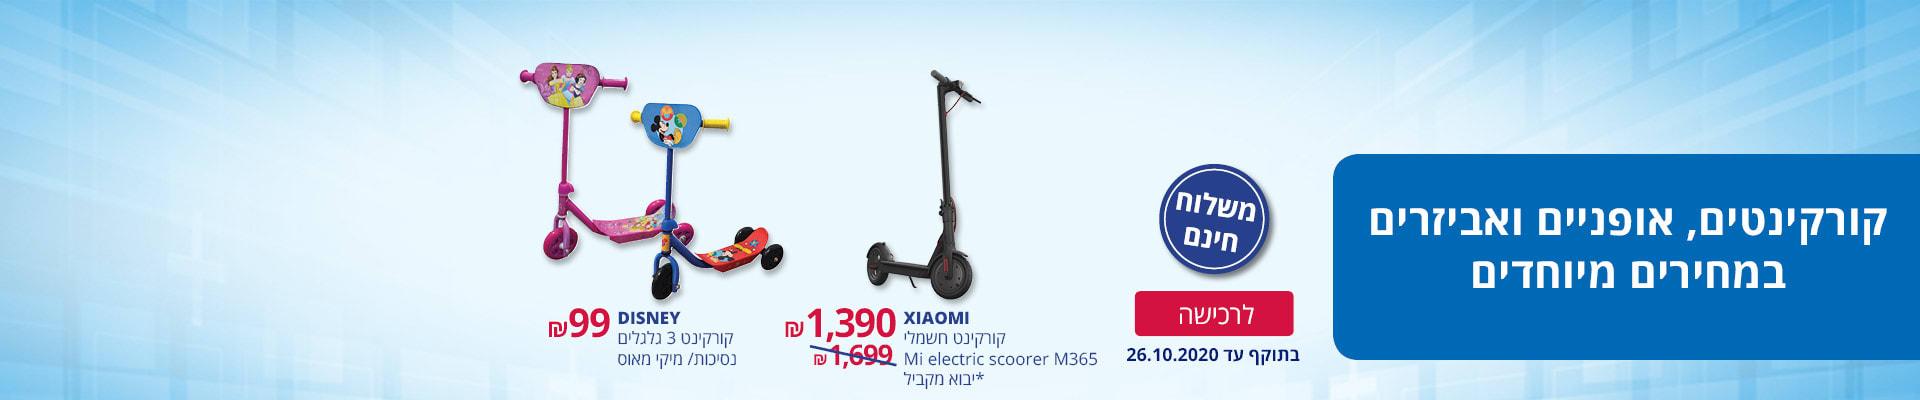 קורקינטים, אופניים ואביזרים במחירים מיוחדים ומשלוח חינם: קורקינט חשמלי Mi electric scoorer M365 XIAOMI ב-1390 ₪ יבוא מקביל, קורקינט 3 גלגלים נסיכות/מיקי DISNEY ב-99 ₪. בתוקף עד 26.10.2020